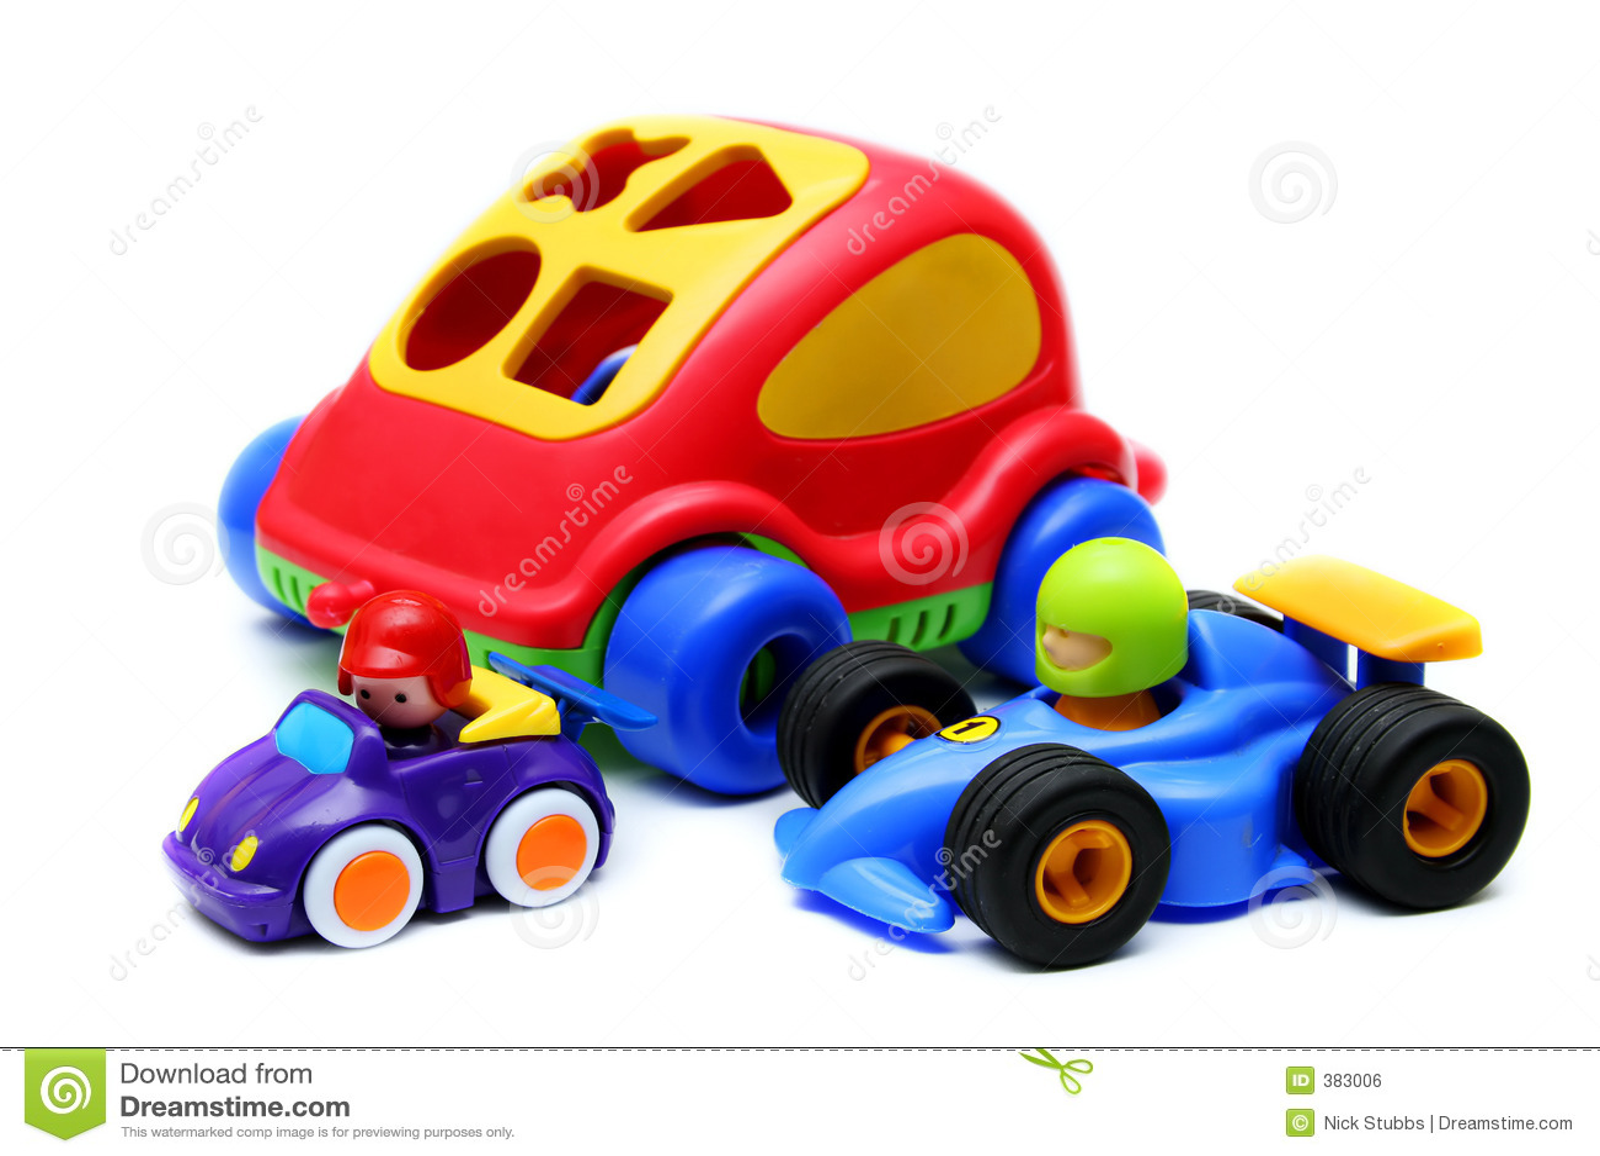 ανασκόπησης λευκό παιχνιδιών αυτοκινήτων childs ζωηρόχρωμο